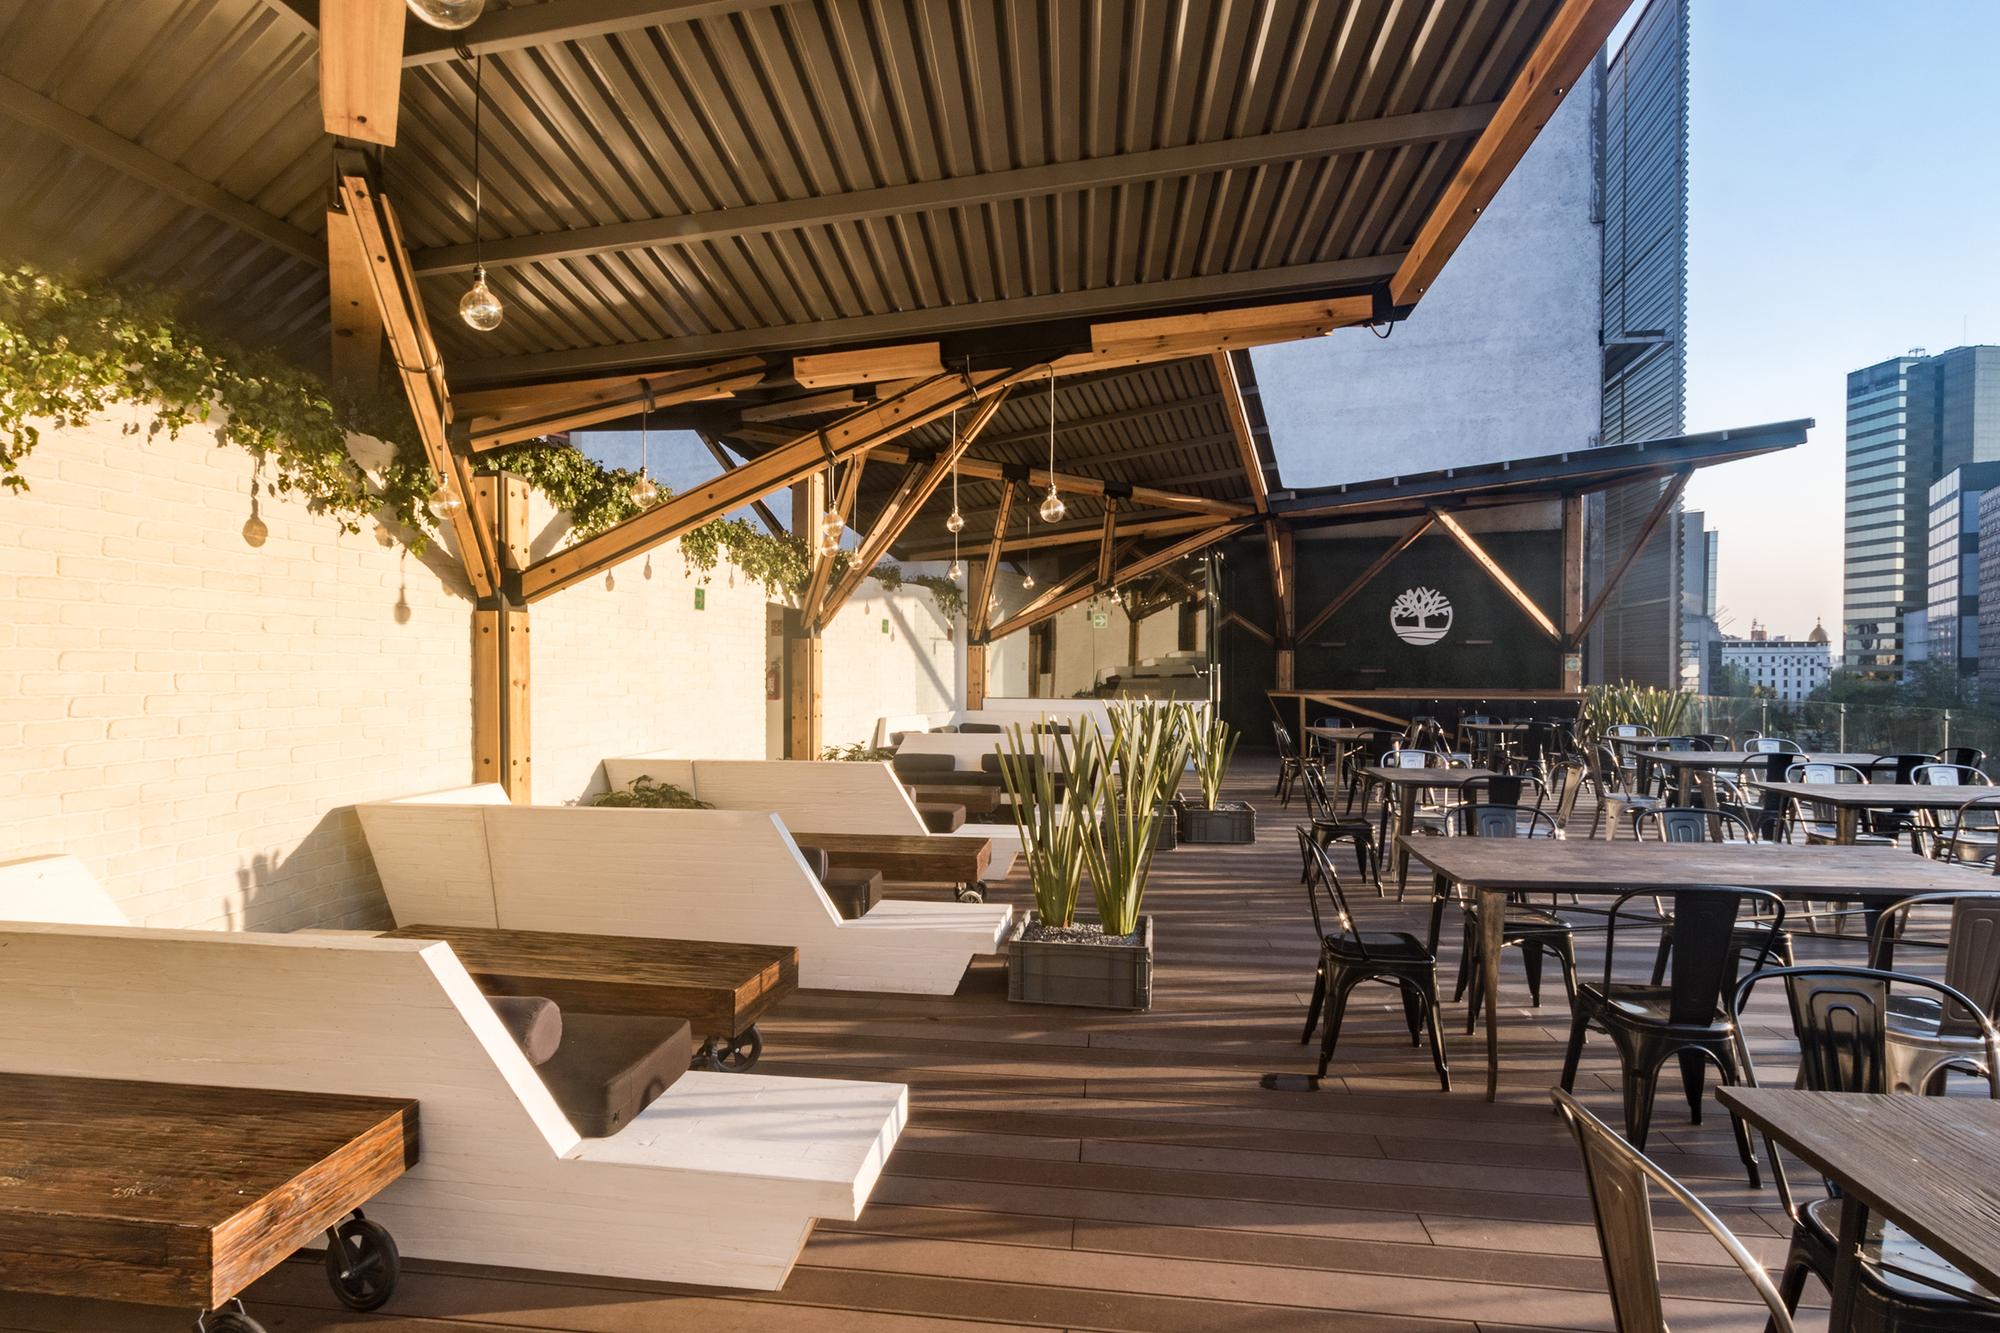 arquitectura 4 gallery of timberland terrace a 001 taller de